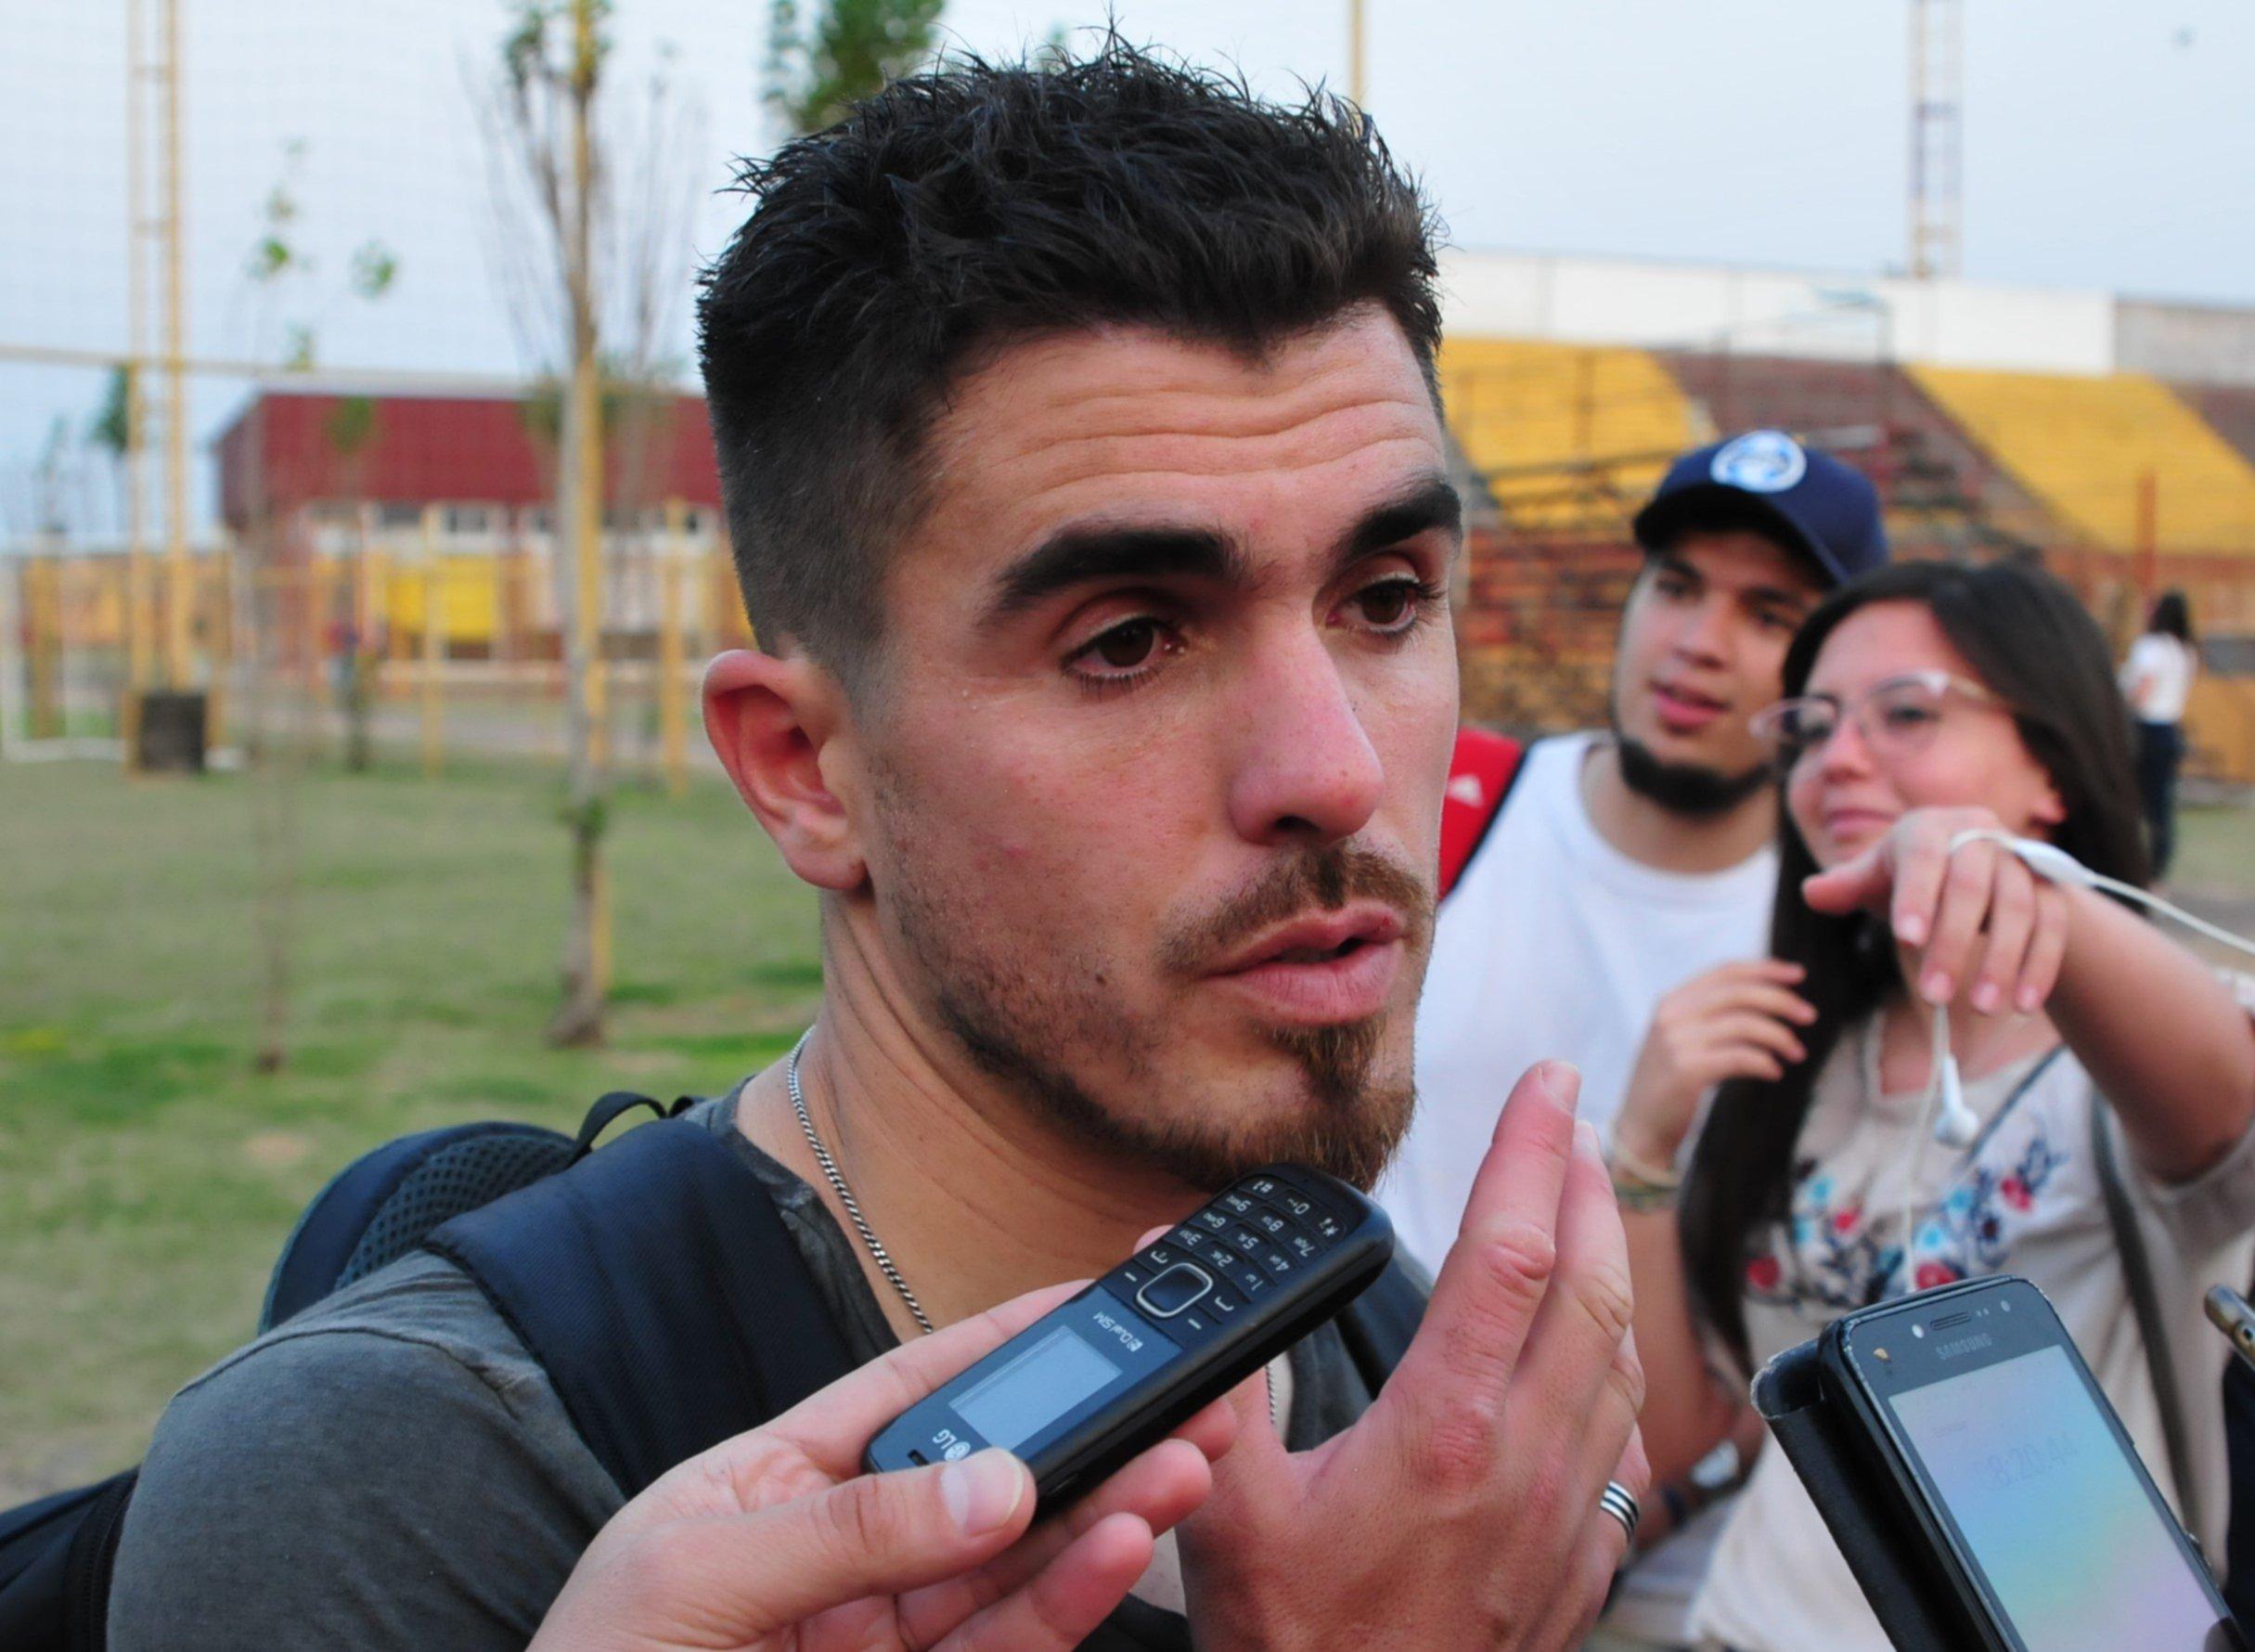 <p>Contrastes. Según Martín Fabro ayer no se jugó bien, aunque sí el martes pasado en Resistencia.</p>